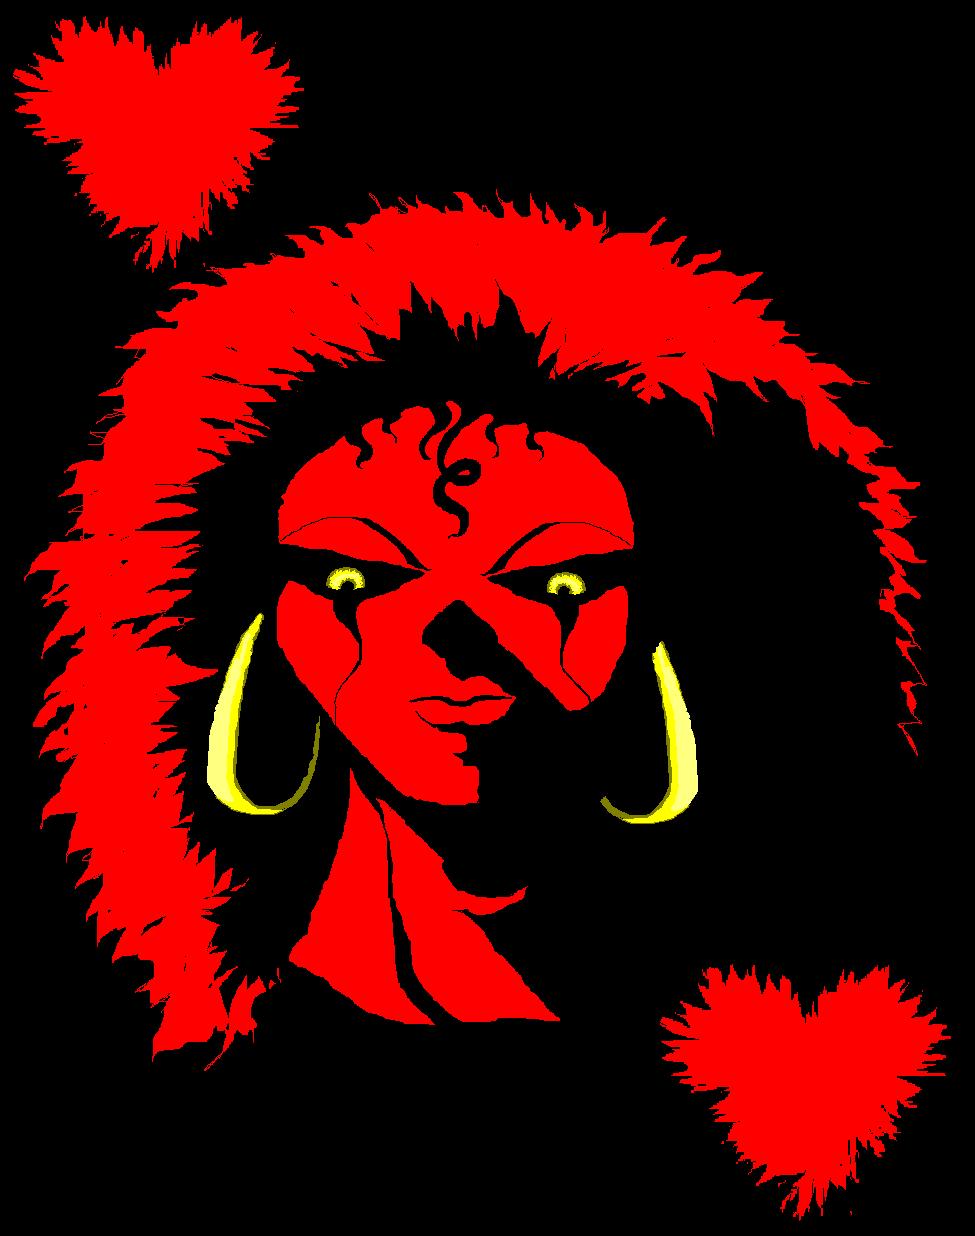 Alice Soulflowah: Red Queen